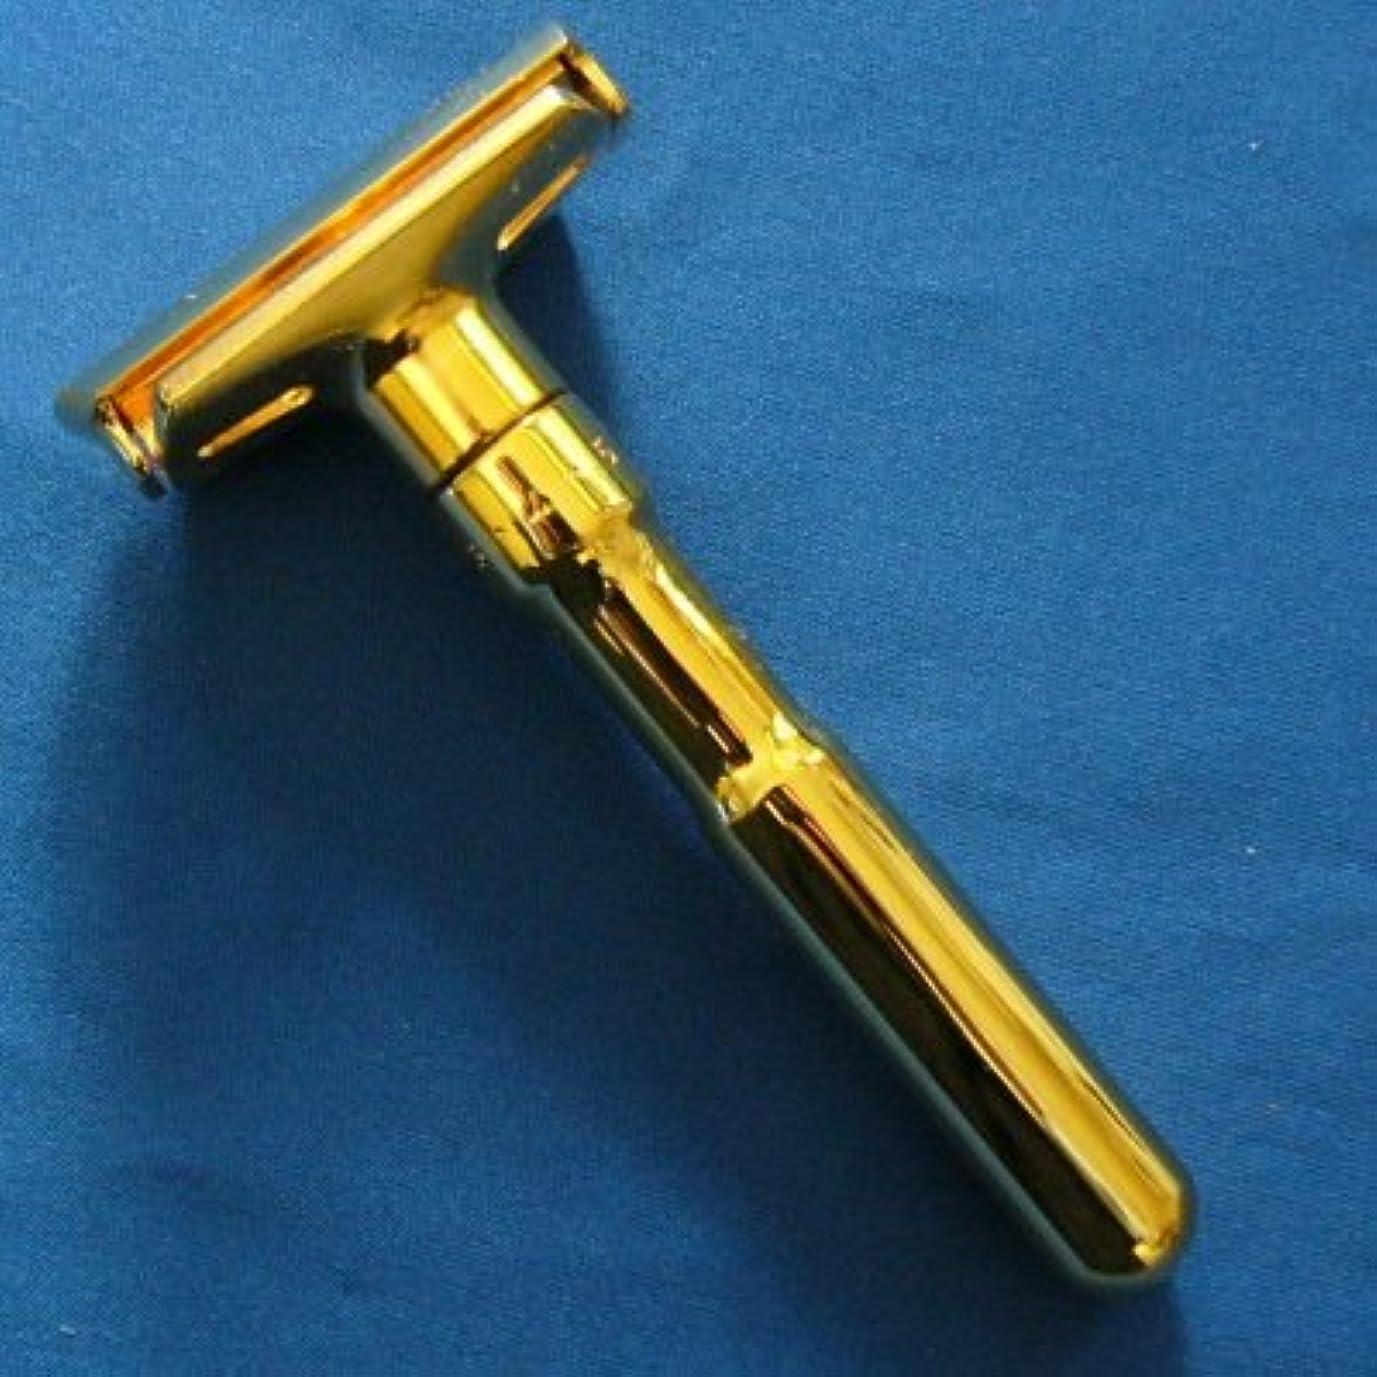 感謝クラシカル名前を作るメルクール髭剃り(ひげそり) 702G FUTUR(フューチャー) (専用革ケース、替刃11枚付)